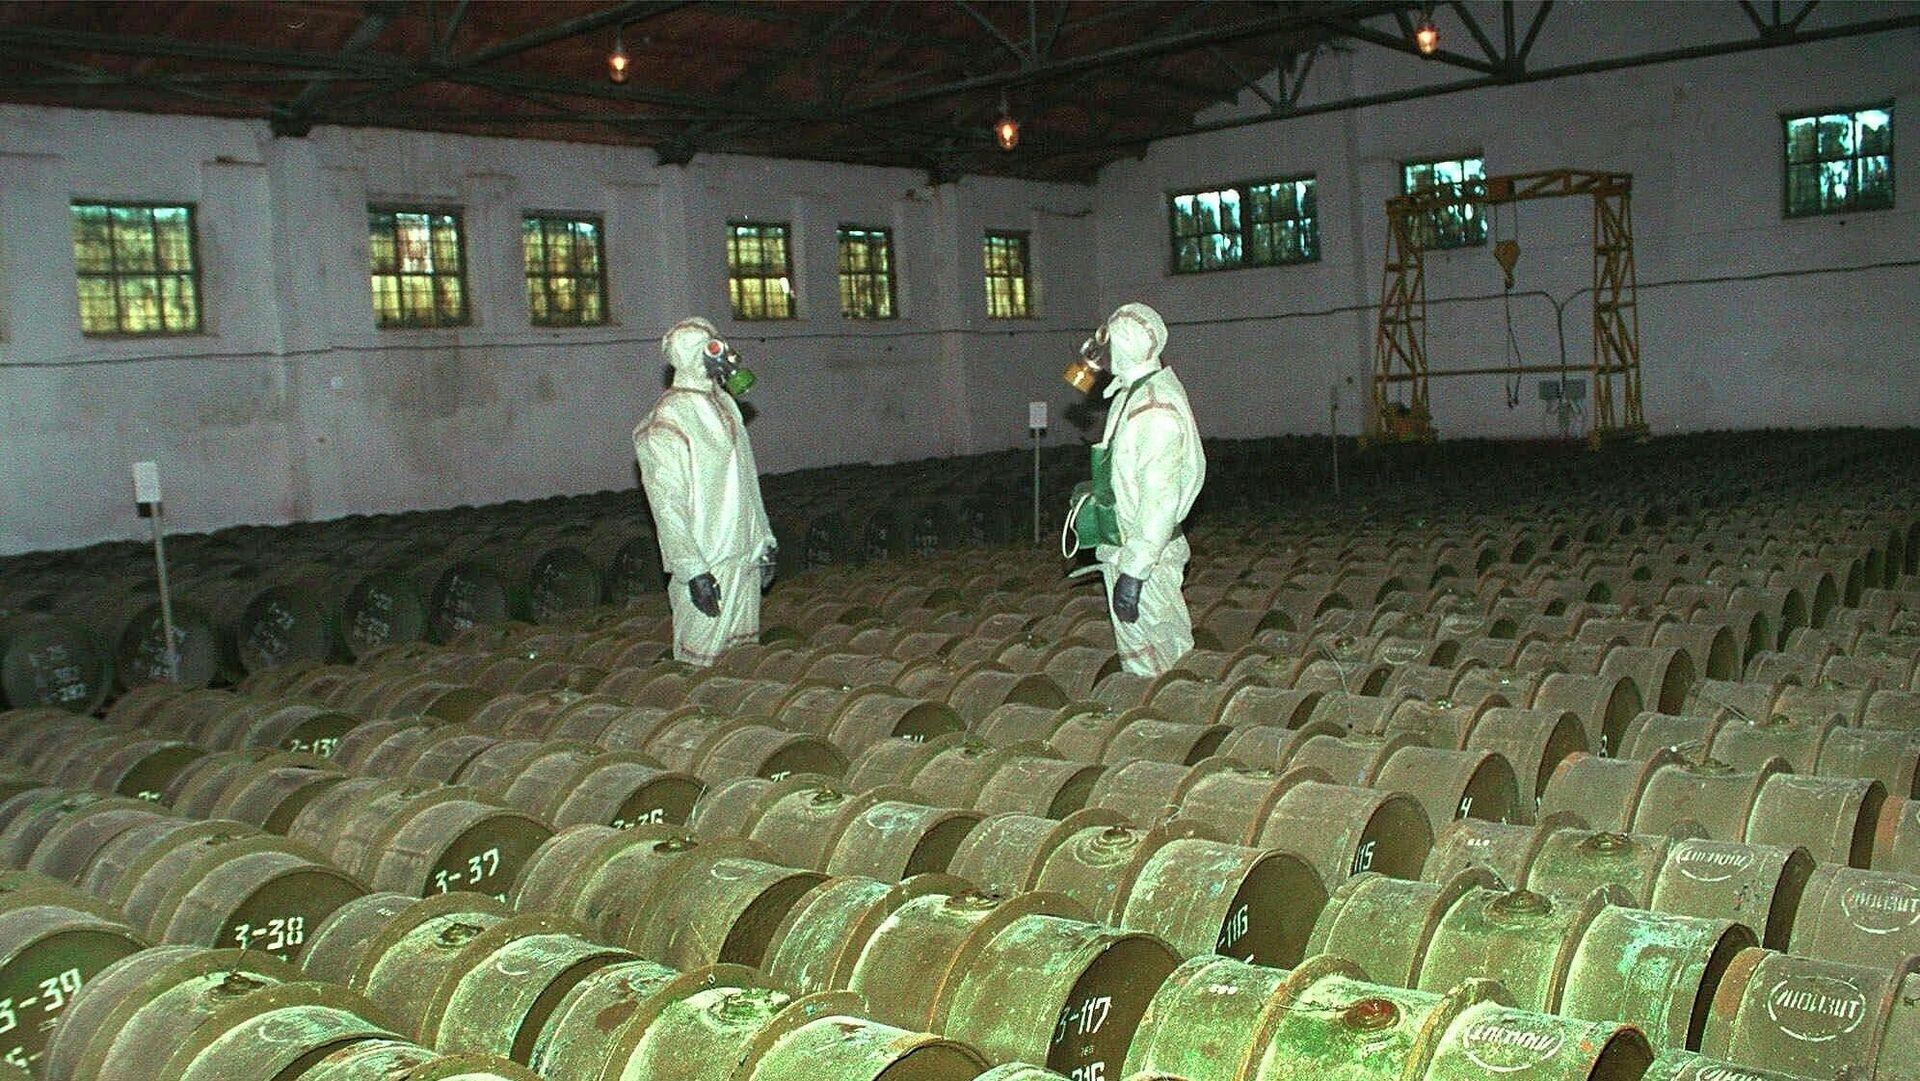 Военнослужащие во время проведения плановой проверки металлических контейнеров с отравляющими веществами на складе химического оружия - РИА Новости, 1920, 02.09.2020